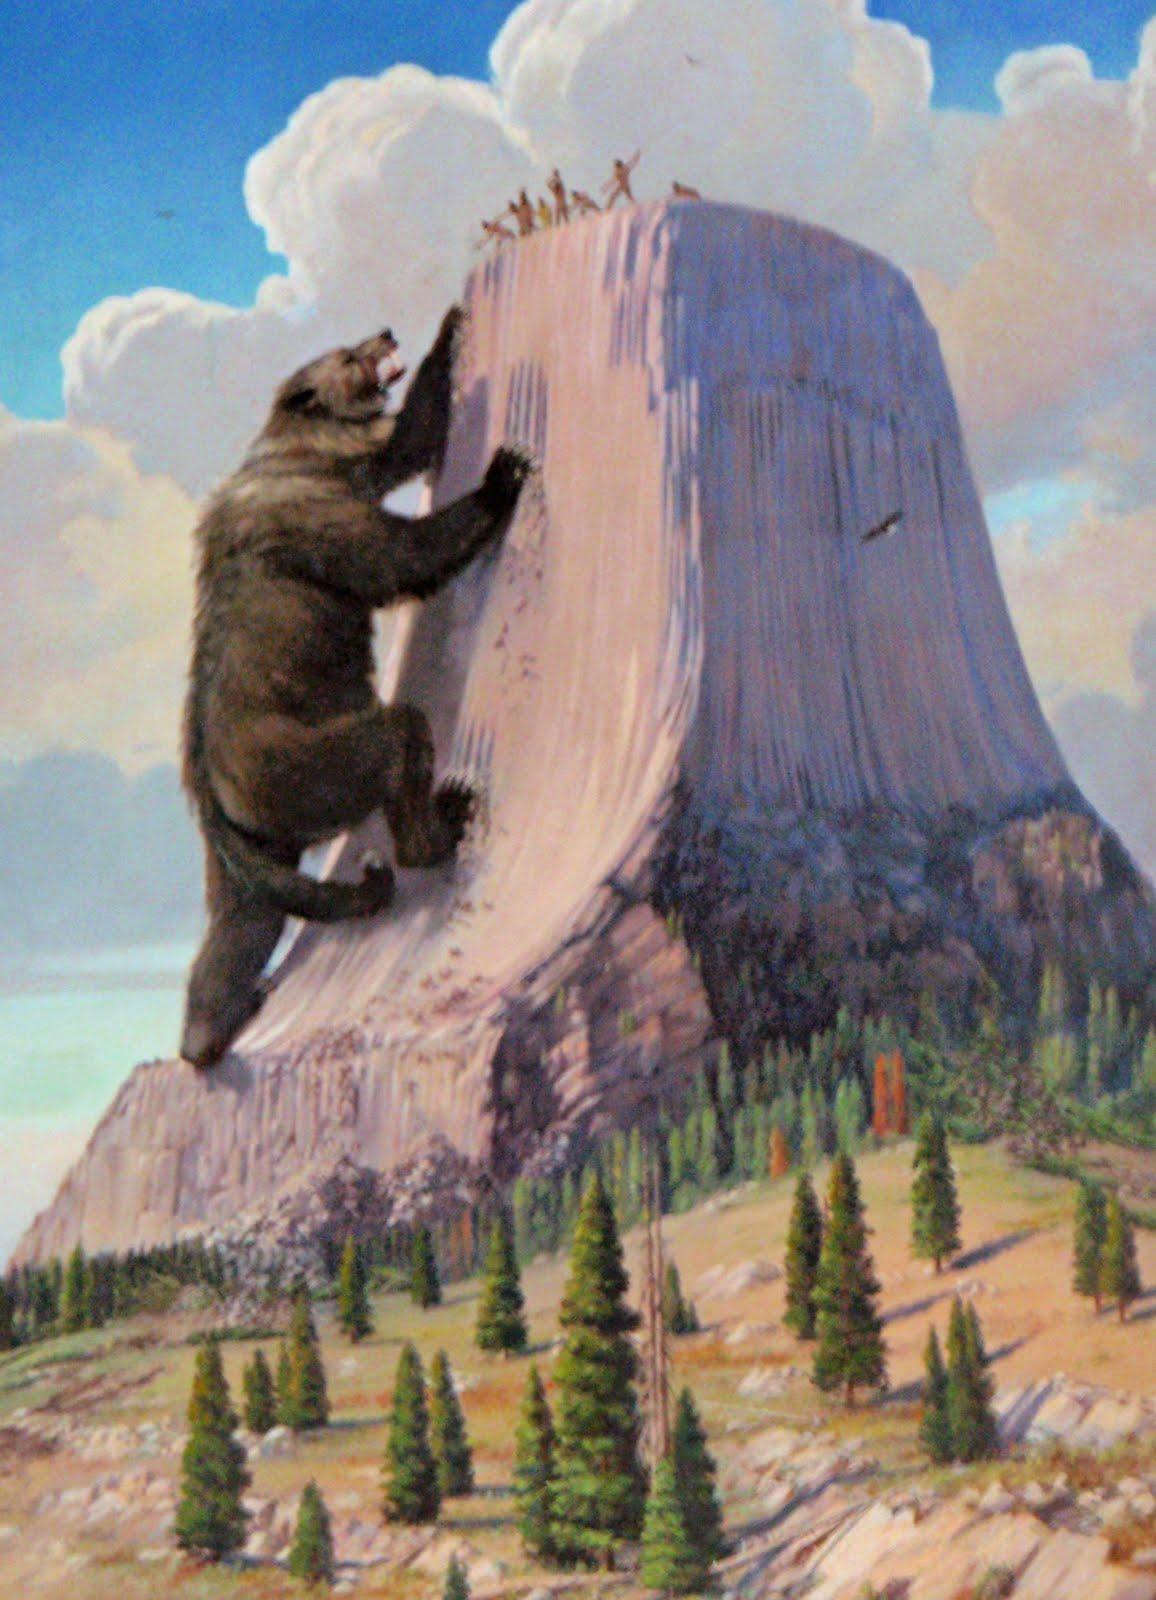 Moose Droppings Devils Tower Wyoming